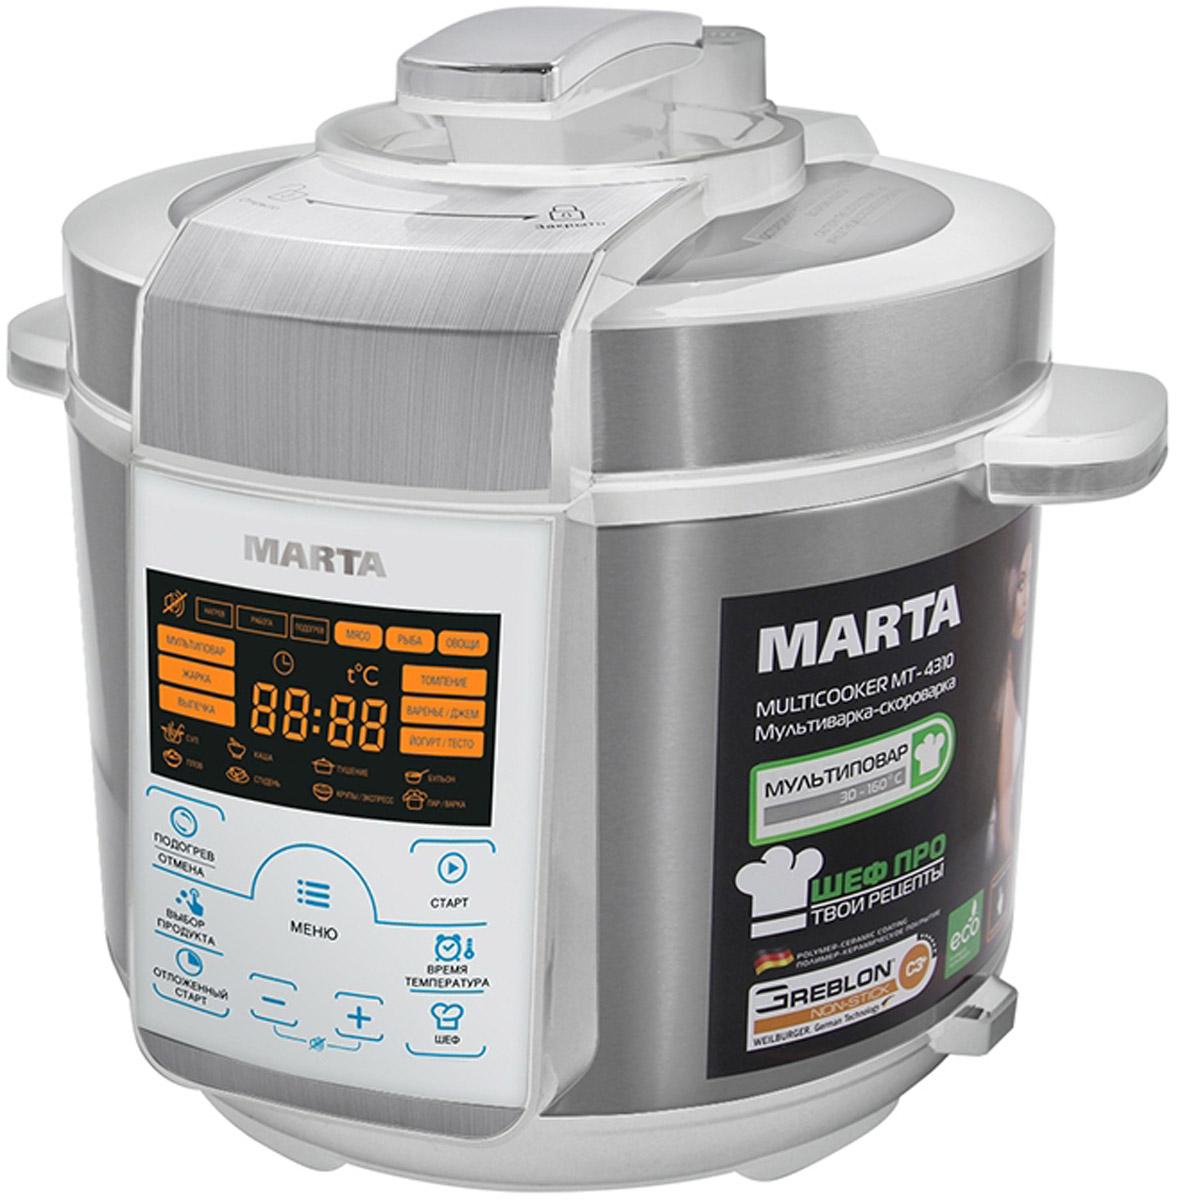 Marta MT-4310, White Steel мультиваркаMT-4310MARTA представляет новую уникальную мультиварку-скороварку, обладающую совершенным дизайном и всеми возможными функциями. Это настоящий прибор 2 в 1 - мультиварка и скороварка! Он позволяет готовить с давлением и без давления.МАRТА МТ-4310 комплектуется тостостенной чашей с немецким полимер-керамическим покрытием GREBLON C3+. Главной особенностью модели МАRТА МТ-4310 является то, что это универсальное устройство, которое совмещает функции мультиварки и скороварки. В ней есть программы, которые используют технологию приготовления пищи под давлением, а есть программы, присущие простым мультиваркам, в которых приготовление происходит без давления. Ваше блюдо никогда не подгорит, сохранит свой вкус, аромат и витамины. Сенсорное управление позволит с легкостью управляться 45 программами приготовления, из которых 21 - полностью автоматическая: 15 работают в режиме скороварки, а 6 - в режиме мультиварки. Остальные 24 программы настраиваются вручную. А для полного раскрытия кулинарного таланта - программа мультиповар в комбинации с программой ШЕФ и функцией ШЕФ ПРО! Откройте для себя новые кулинарные возможности со скороварками MARTA!